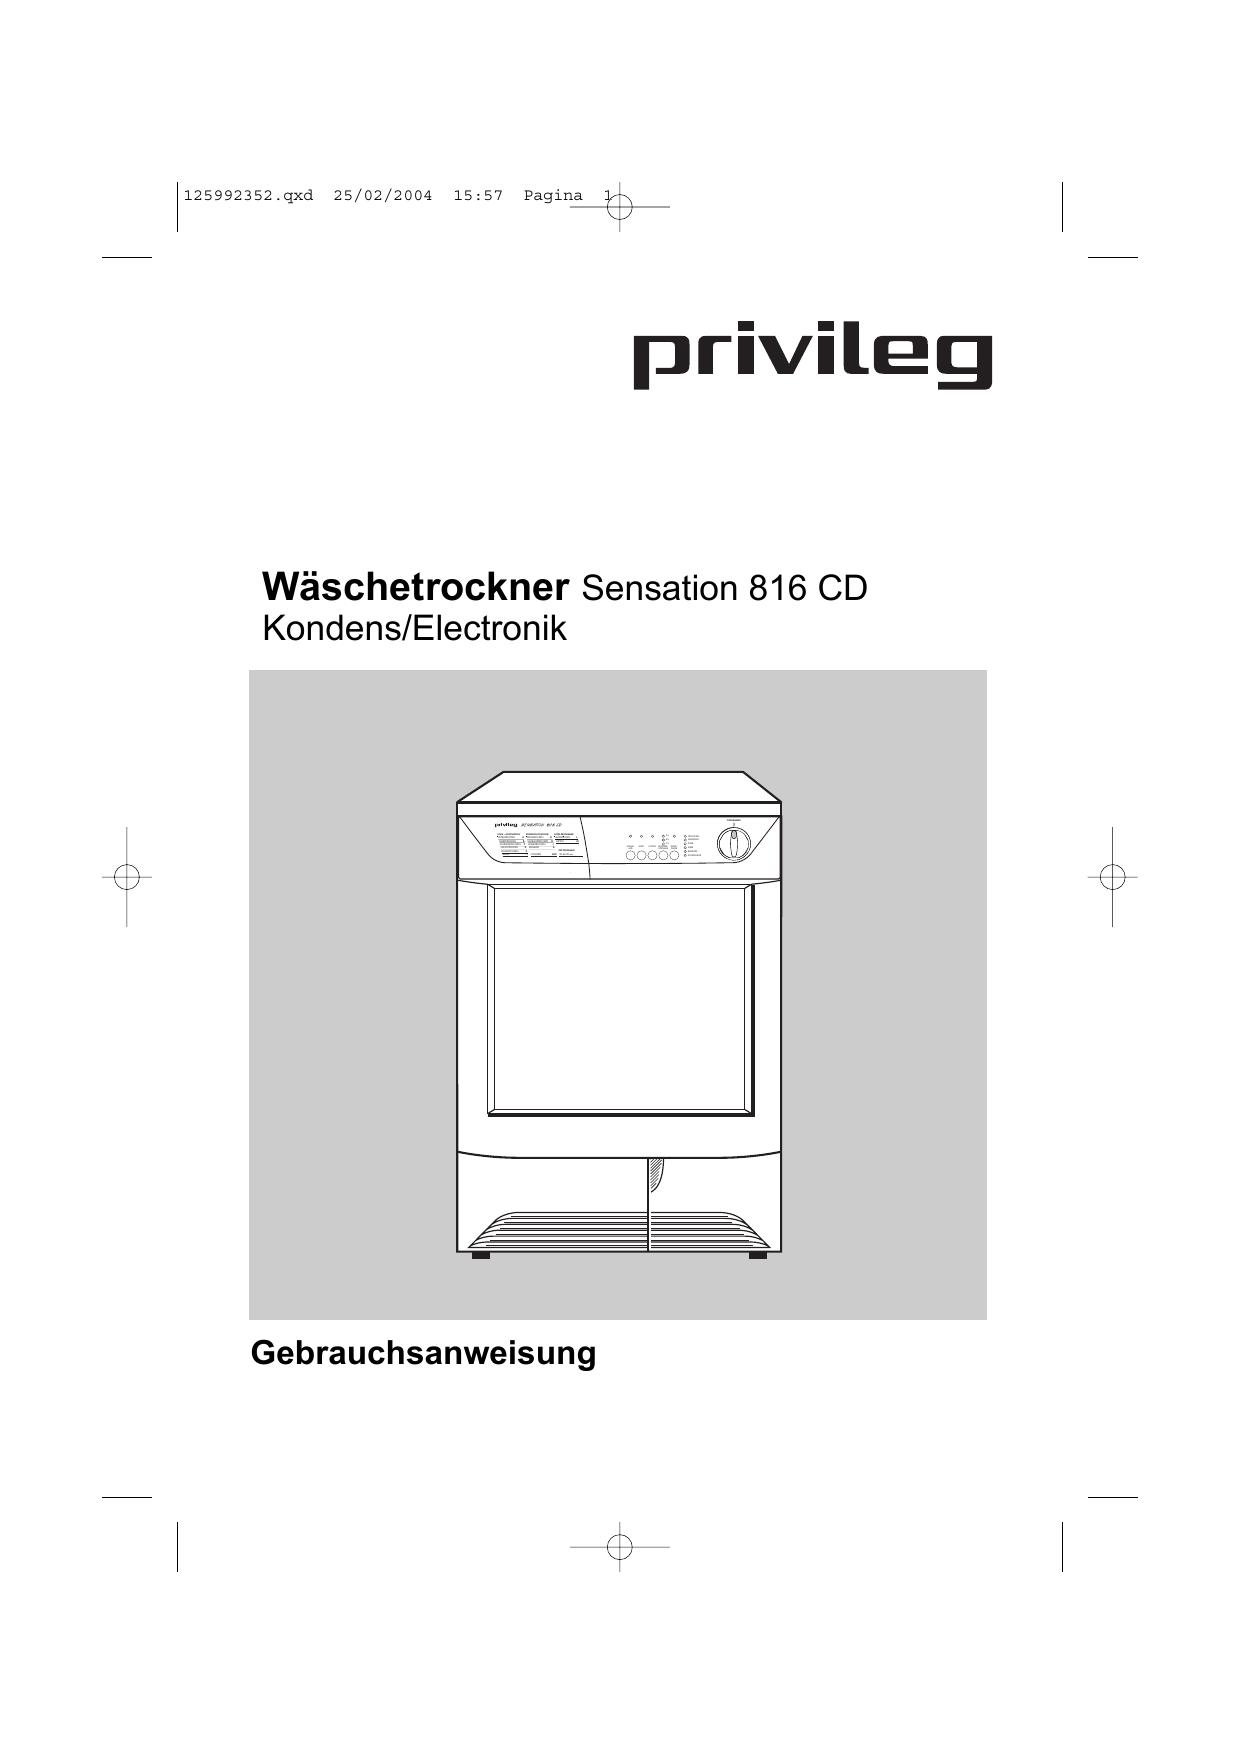 Großzügig 3 Gegen 4 Draht Trockner Ideen - Elektrische Schaltplan ...